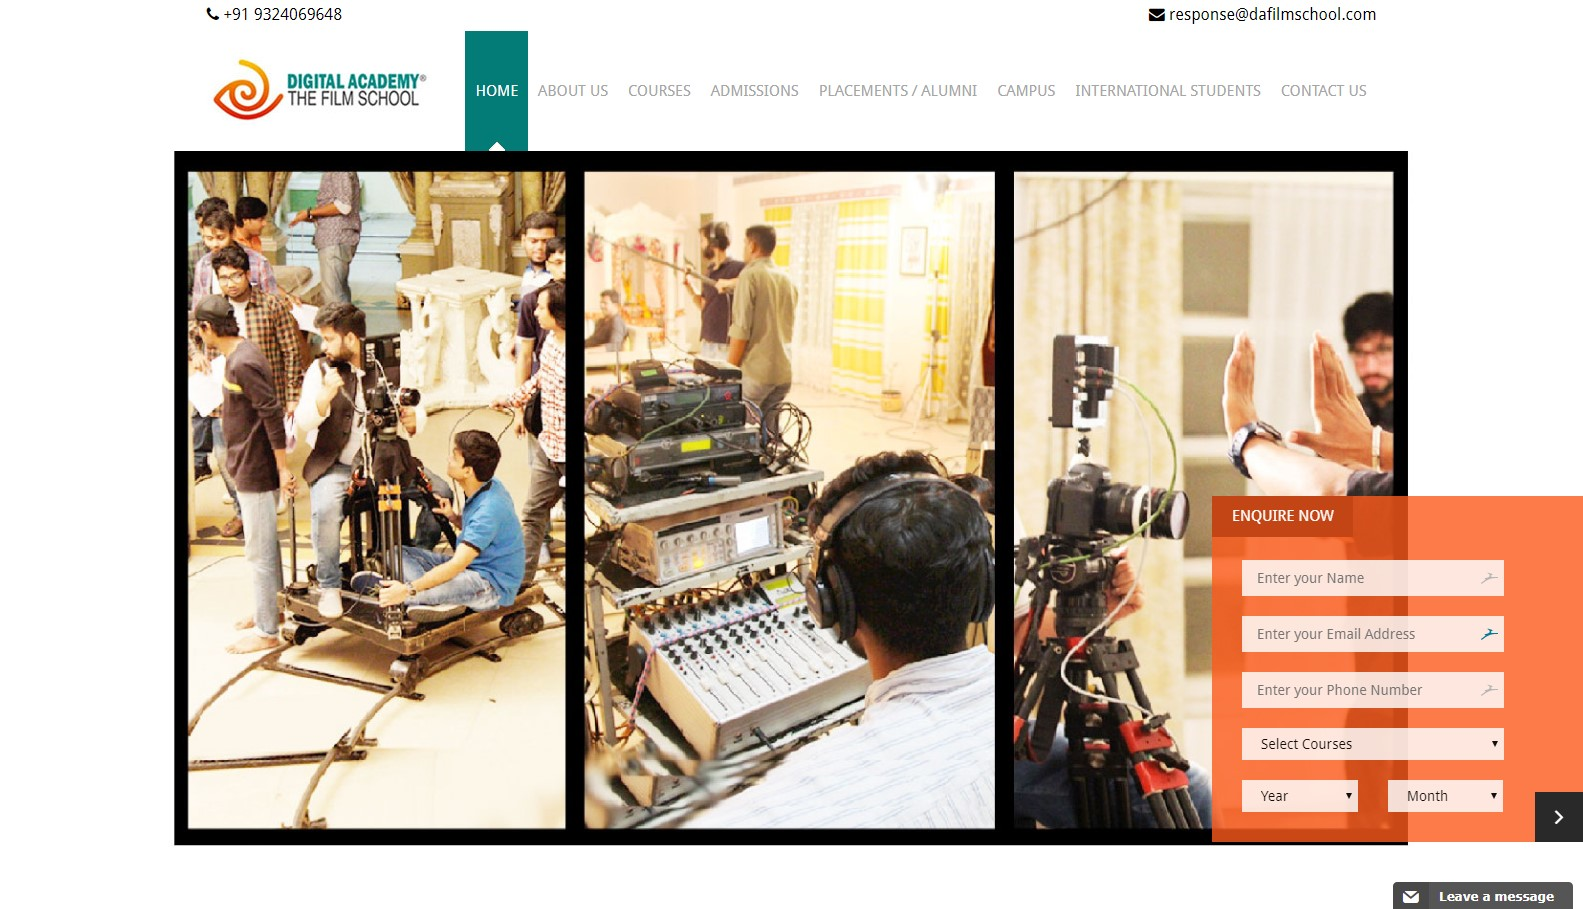 Digital Academy - The Film School